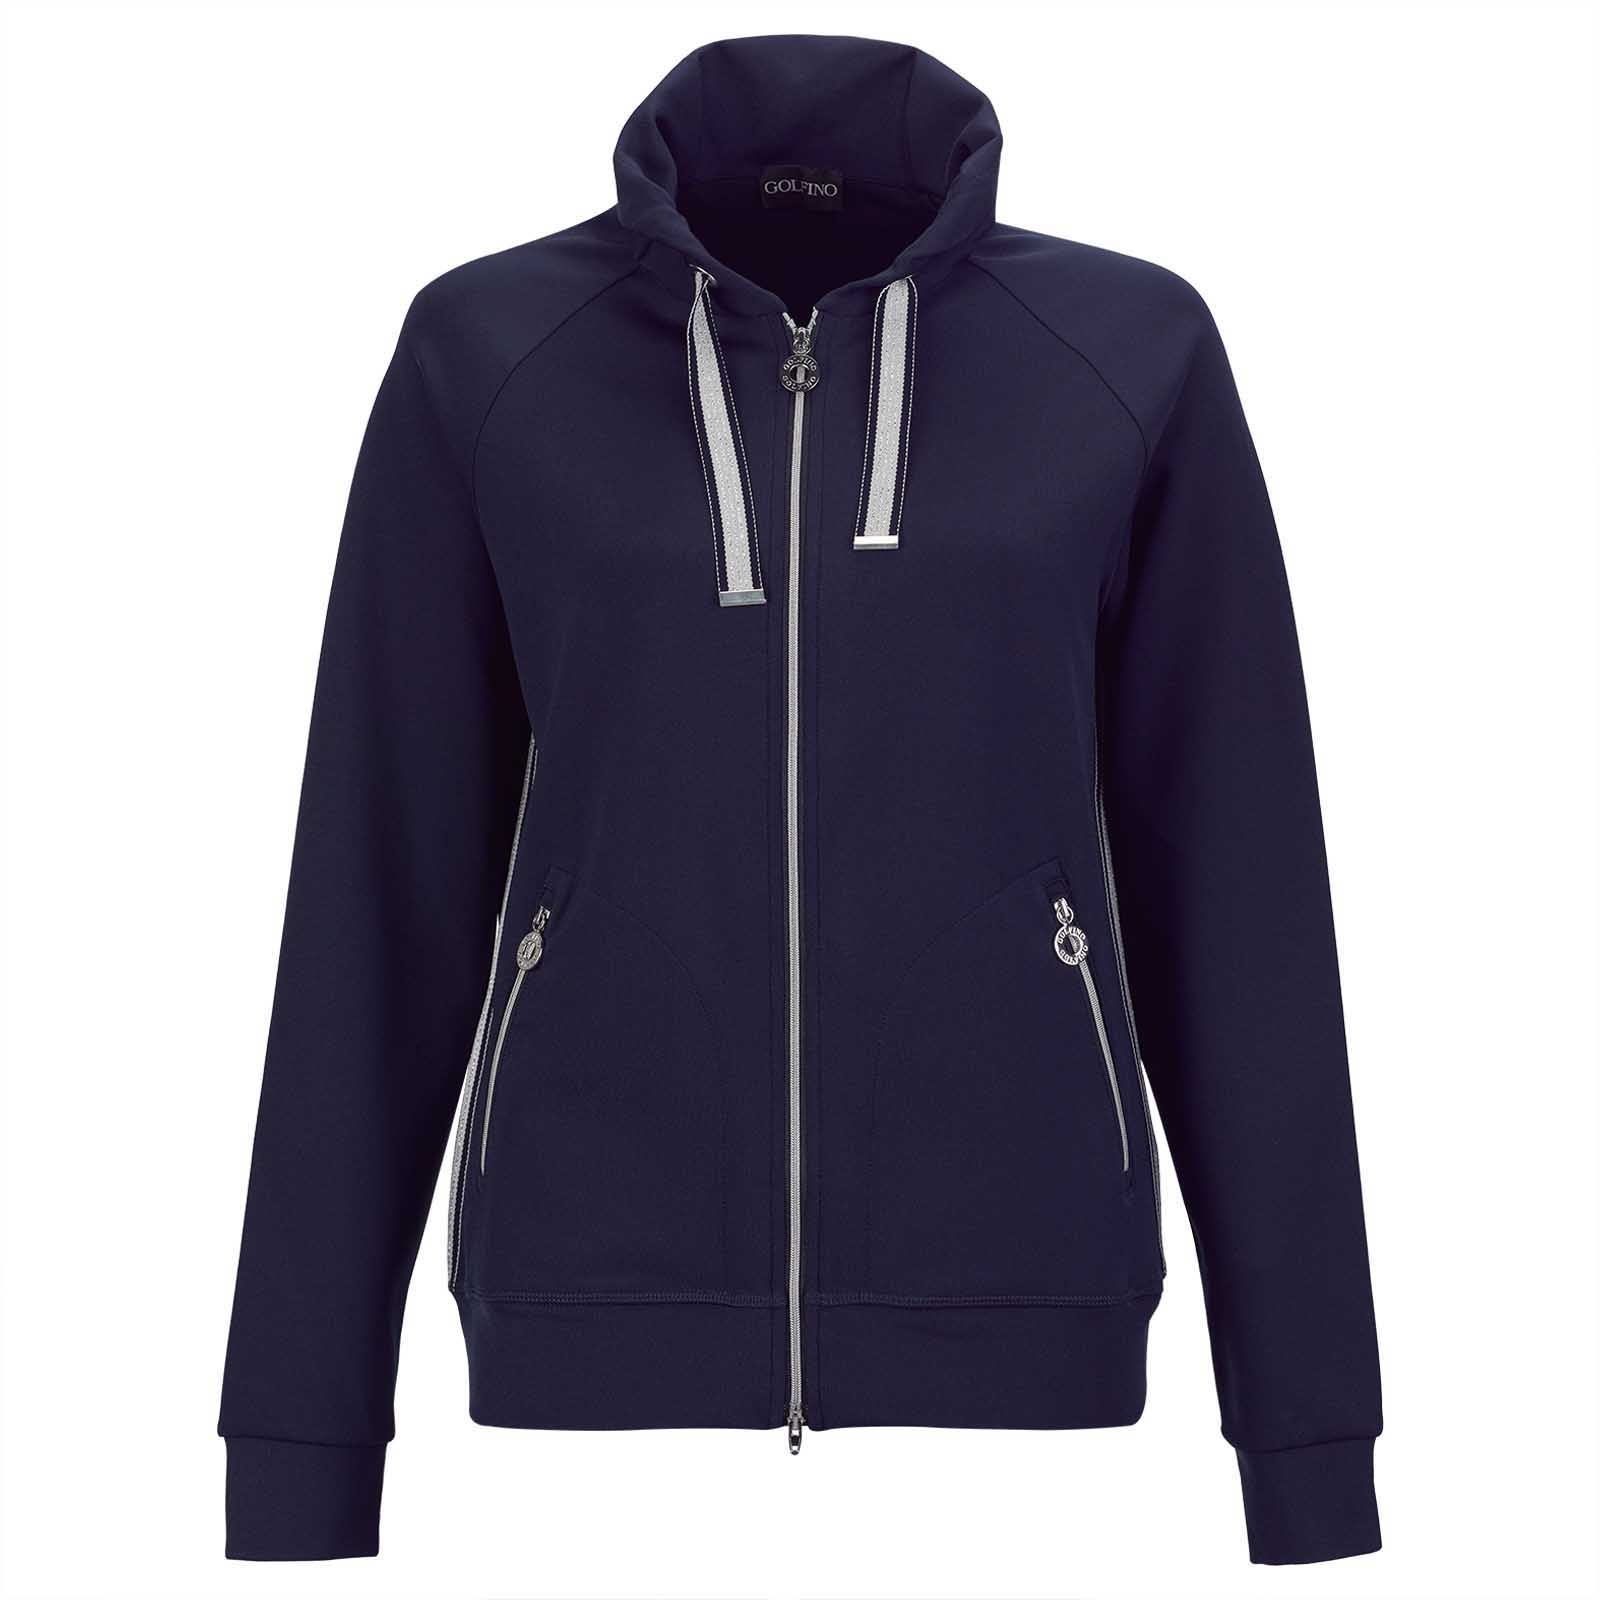 Ladies' premium casual stretch golf jacket